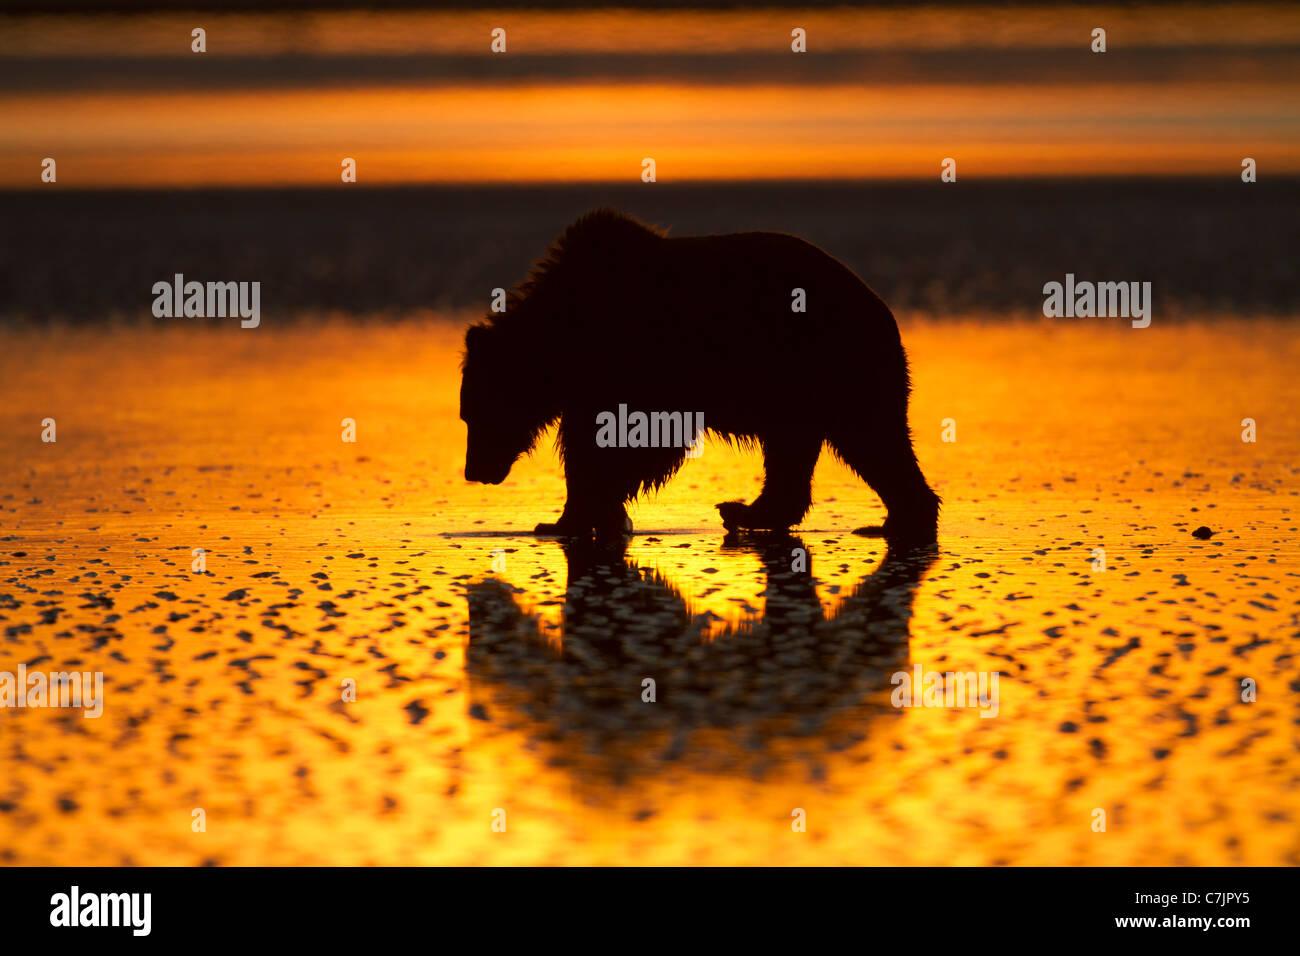 Braun / Grizzly Bär auf der Suche nach Muscheln bei Sonnenaufgang, Lake-Clark-Nationalpark, Alaska. Stockbild